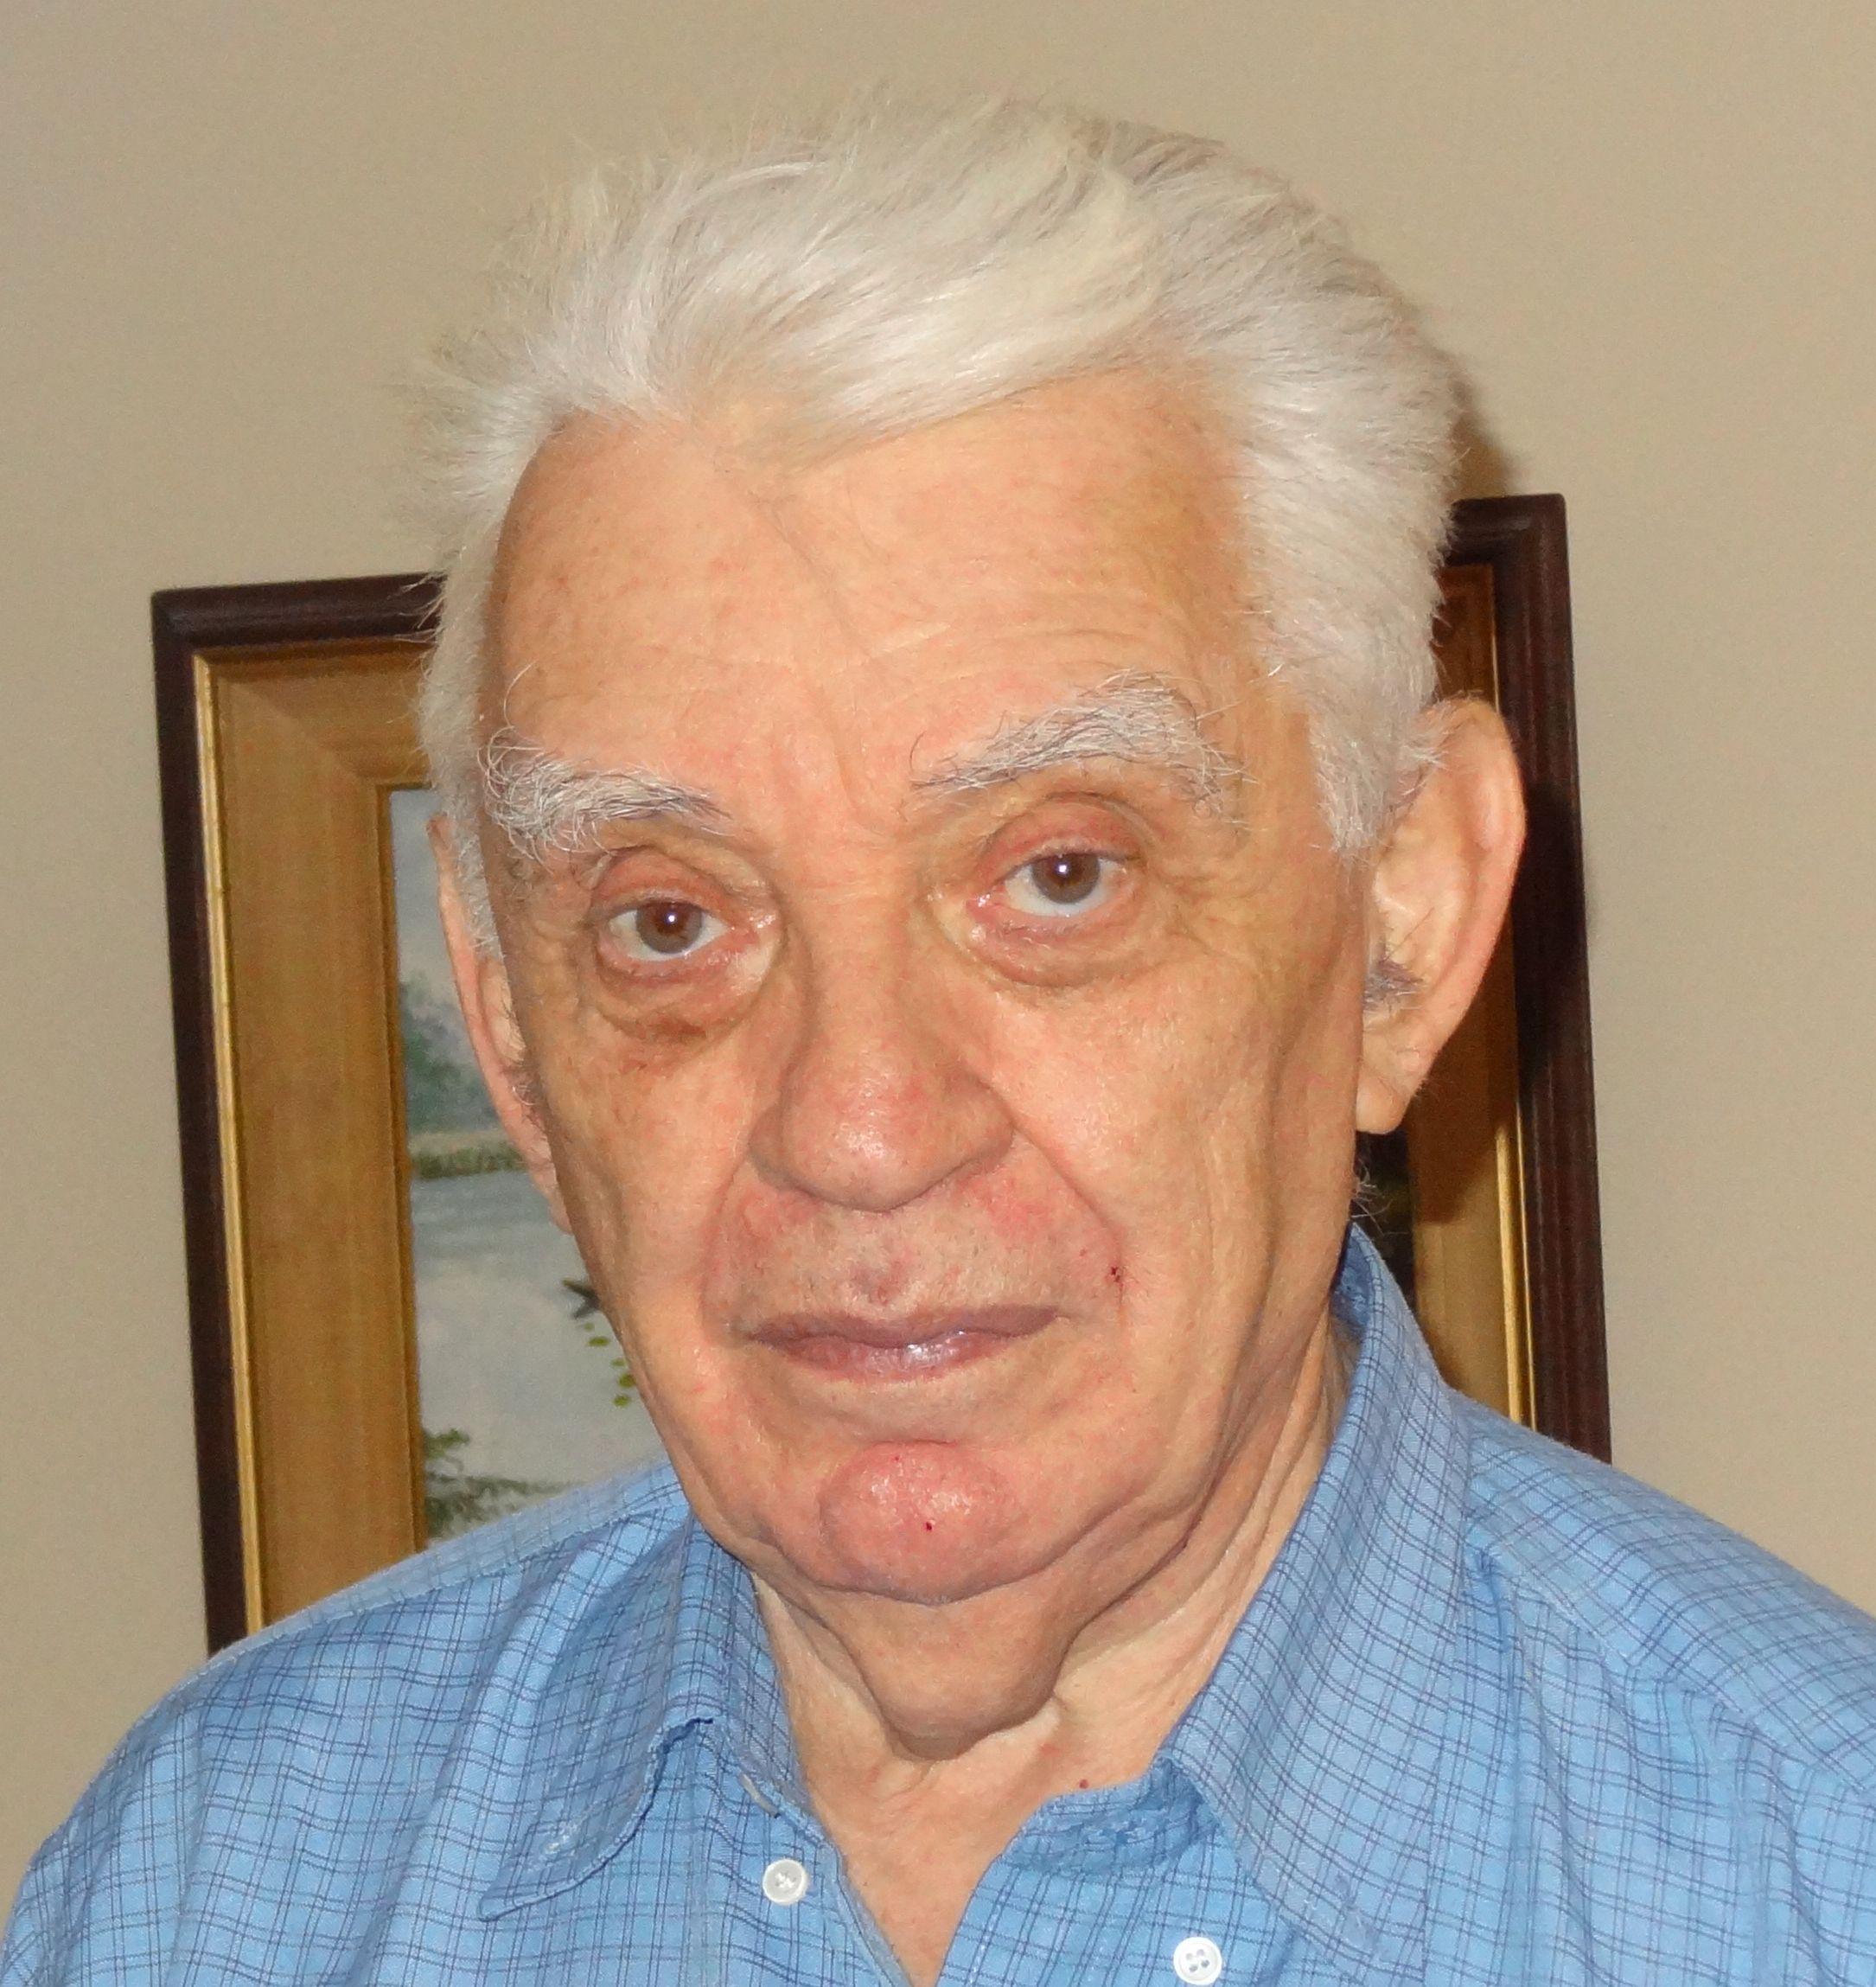 Andrei Weisz